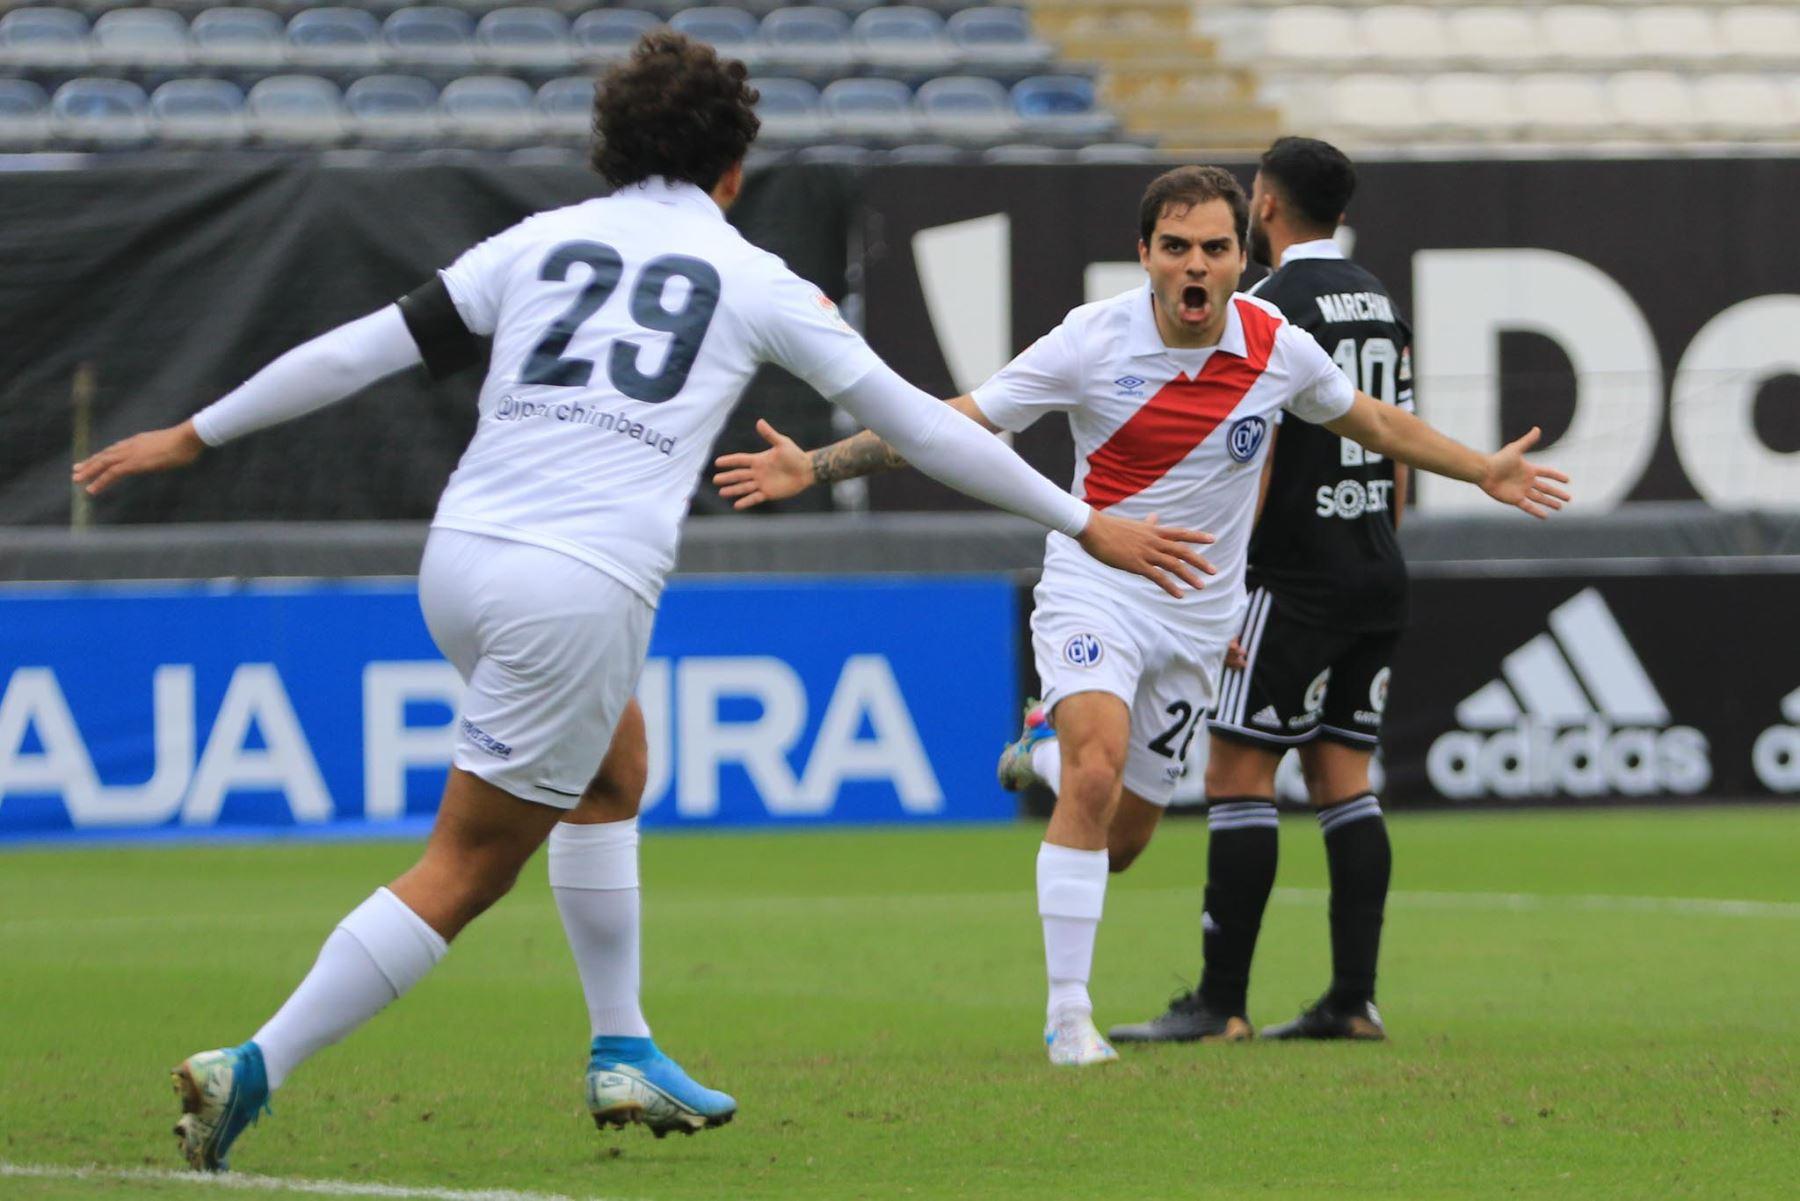 Piero Ratto del Deportivo Municipal celebra tras anotar ante Sporting Cristal durante partido por la tercera fecha de la Liga 1, en el estadio Alejandro Villanueva. Foto: Liga 1